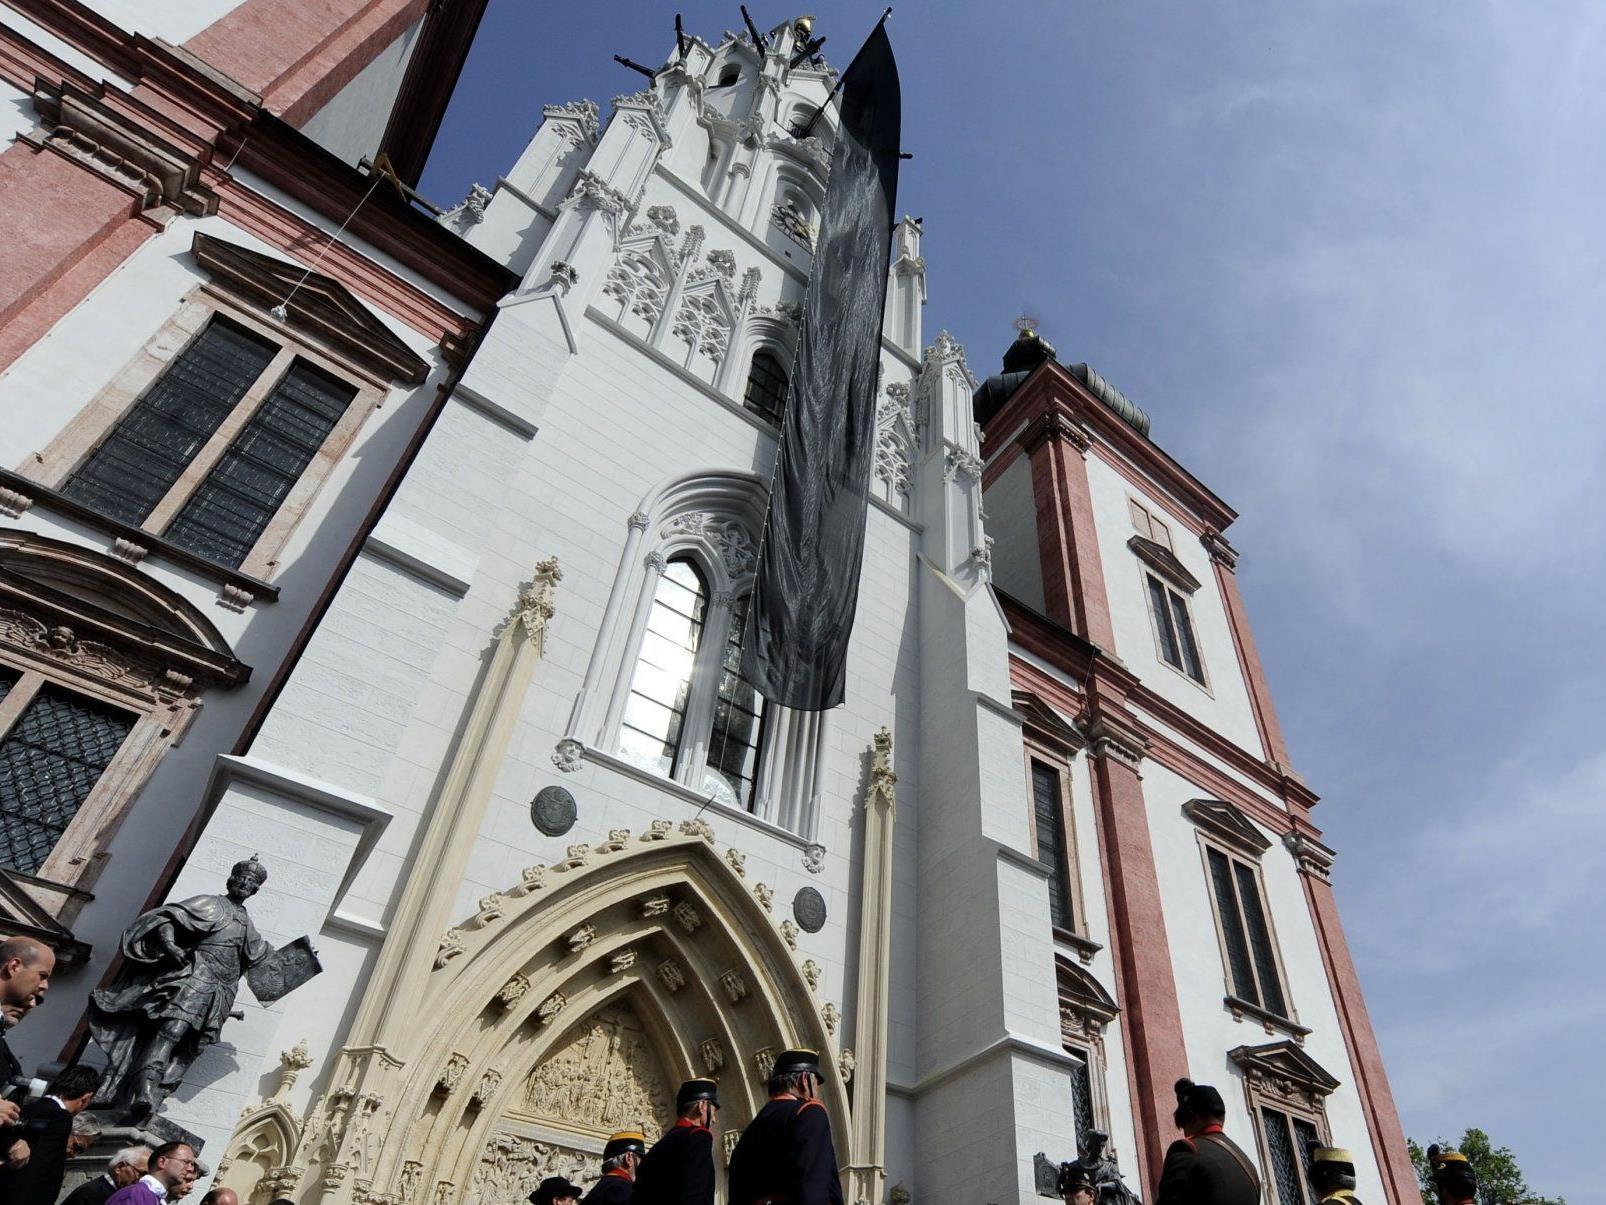 Wird möglicherweise kurzfristig zu arabischem Besitz - die Basilika in Mariazell.